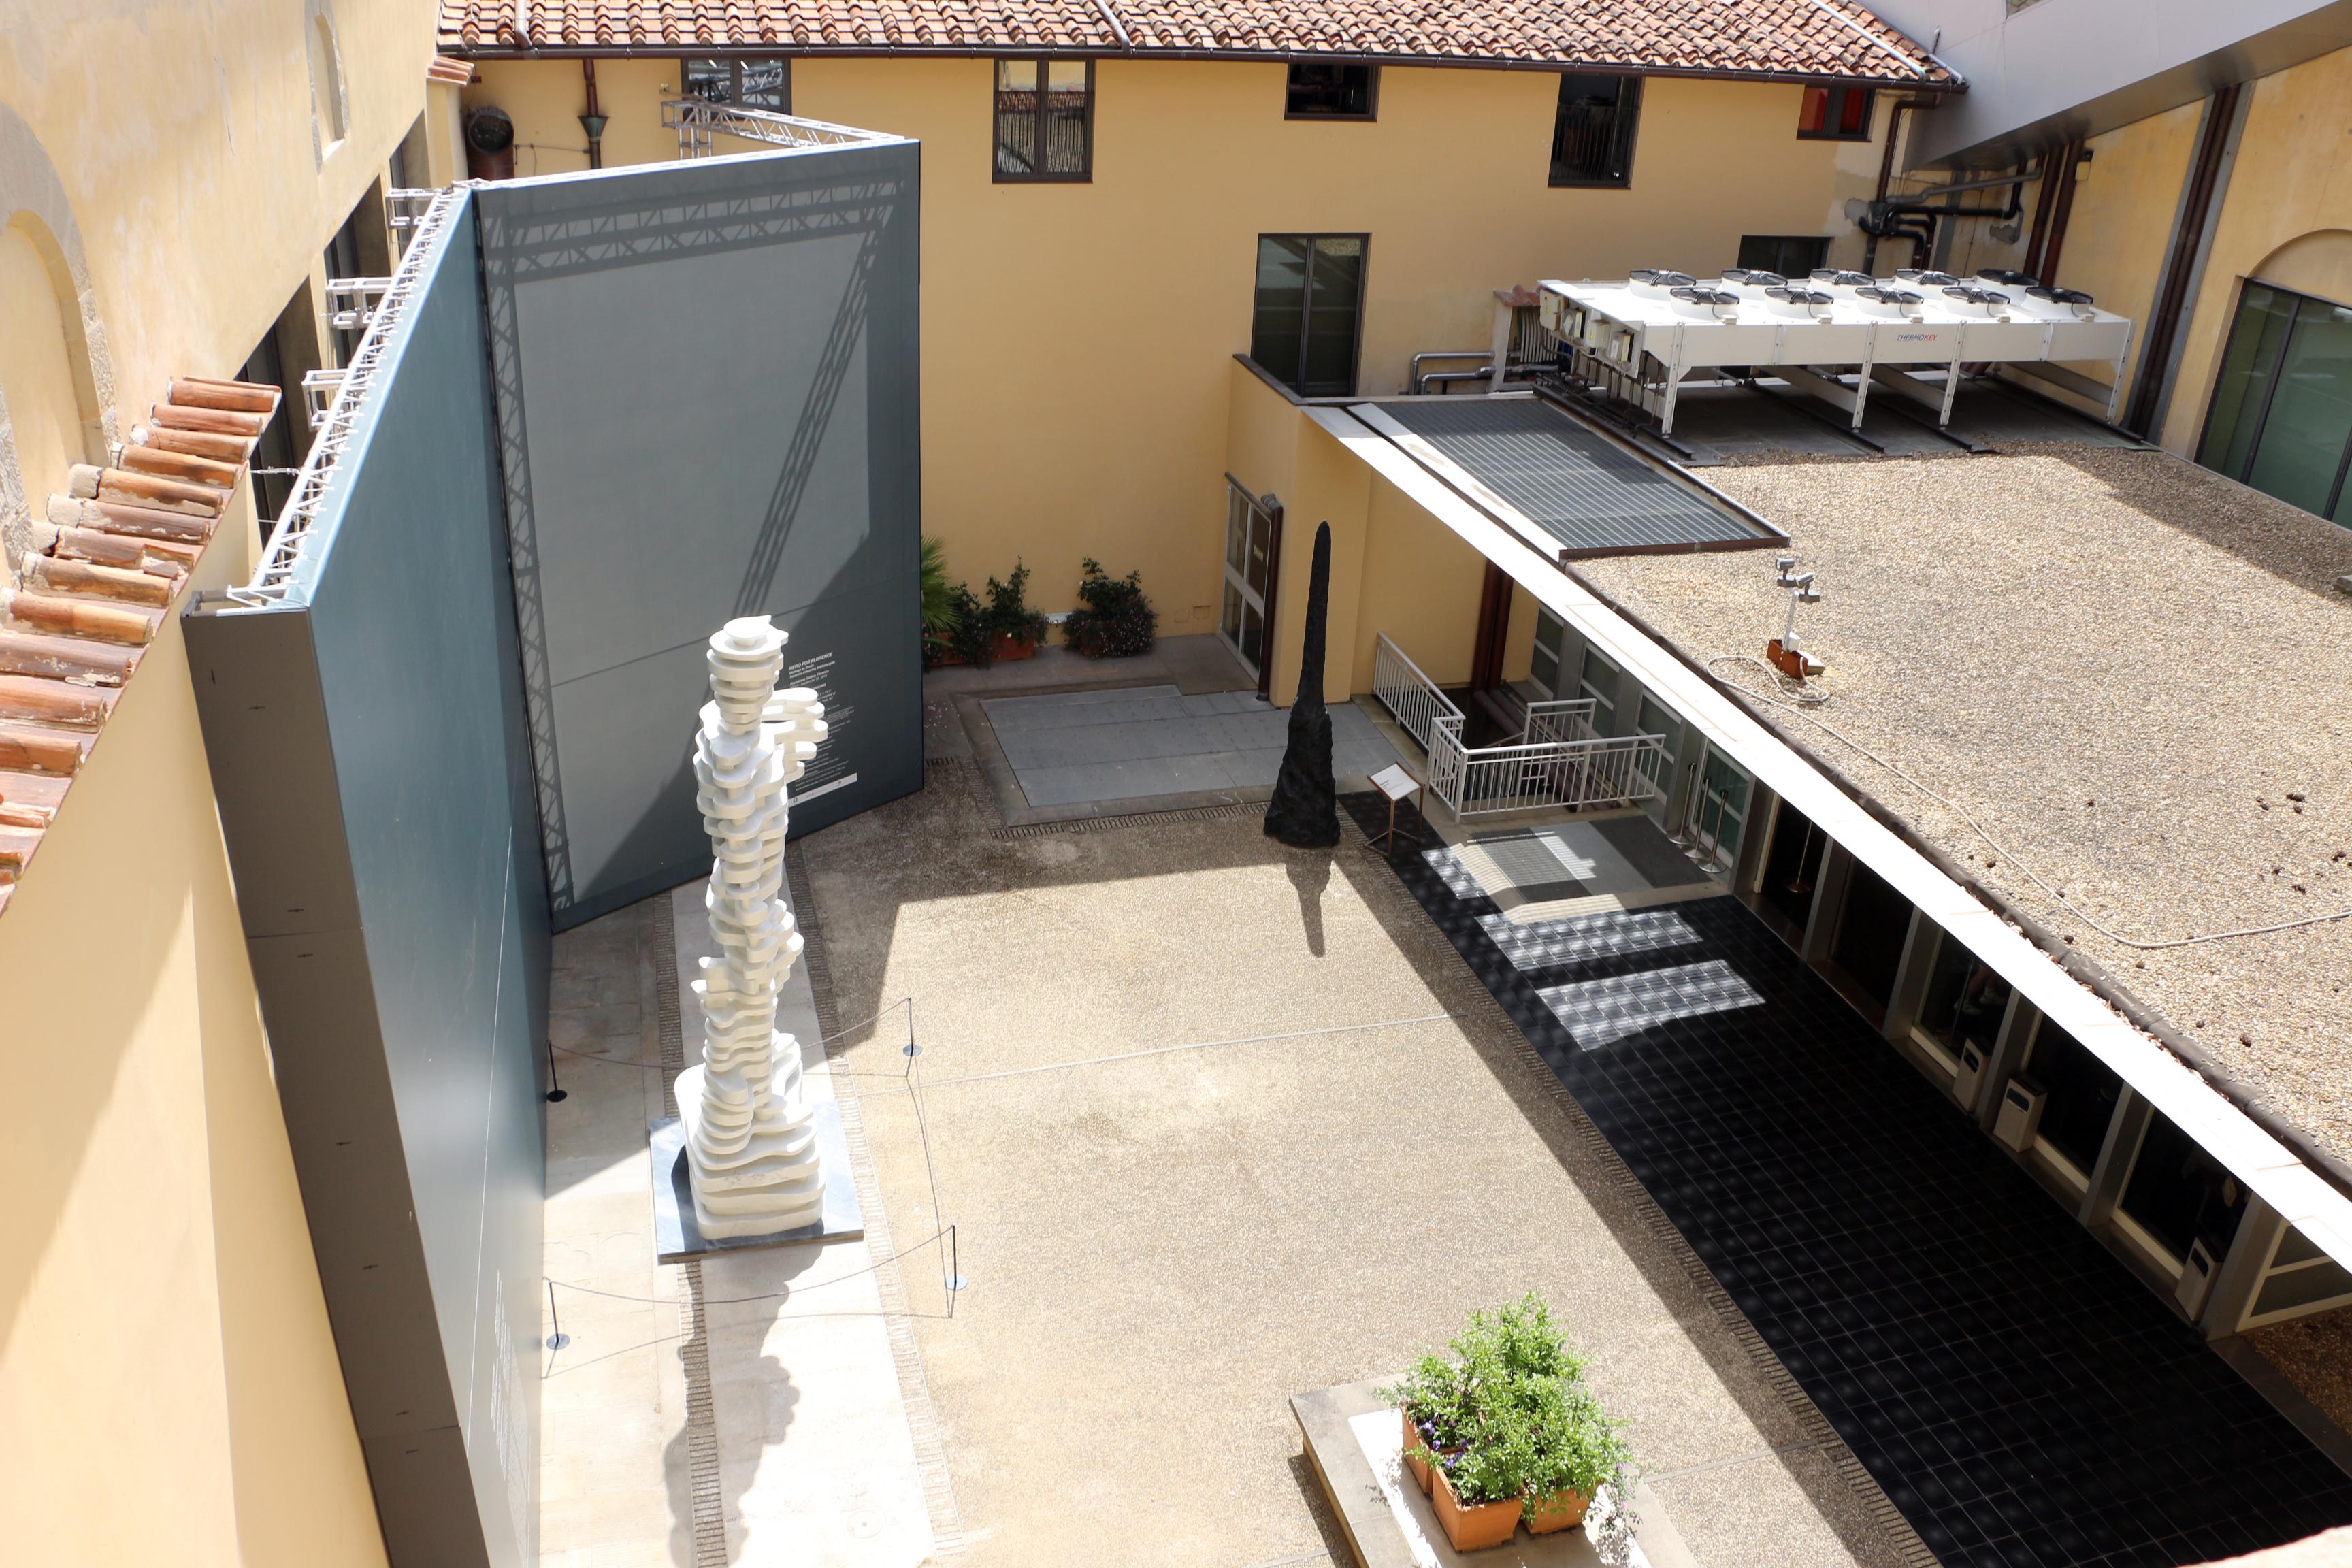 Fileaccademia di firenze veduta sul cortile del museo dell fileaccademia di firenze veduta sul cortile del museo dellaccademia 02 sciox Image collections